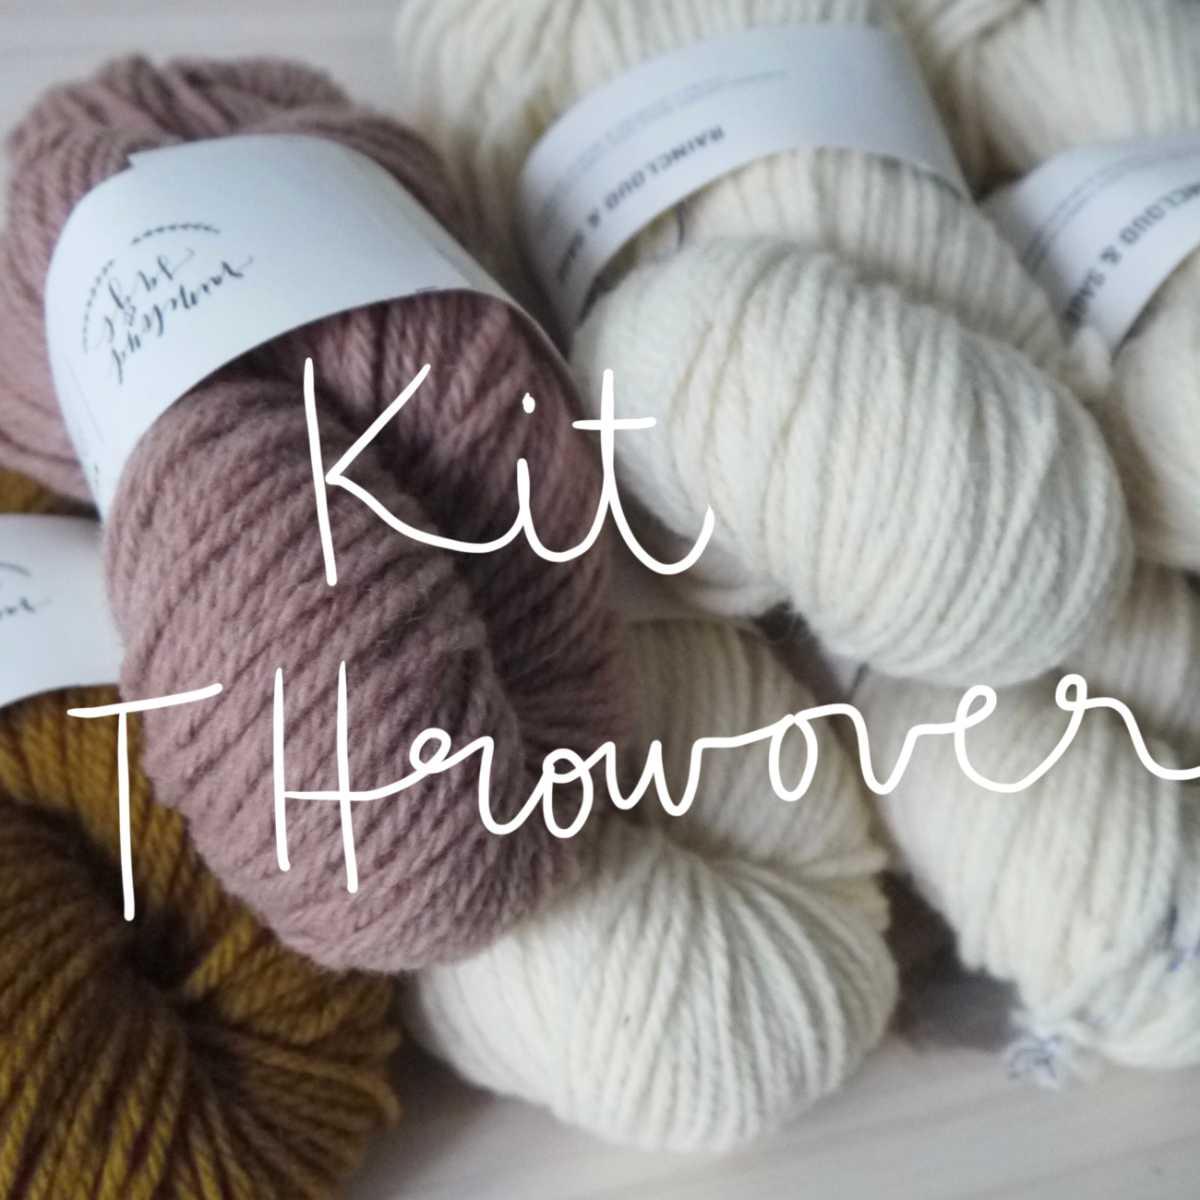 Kit_throwover-1